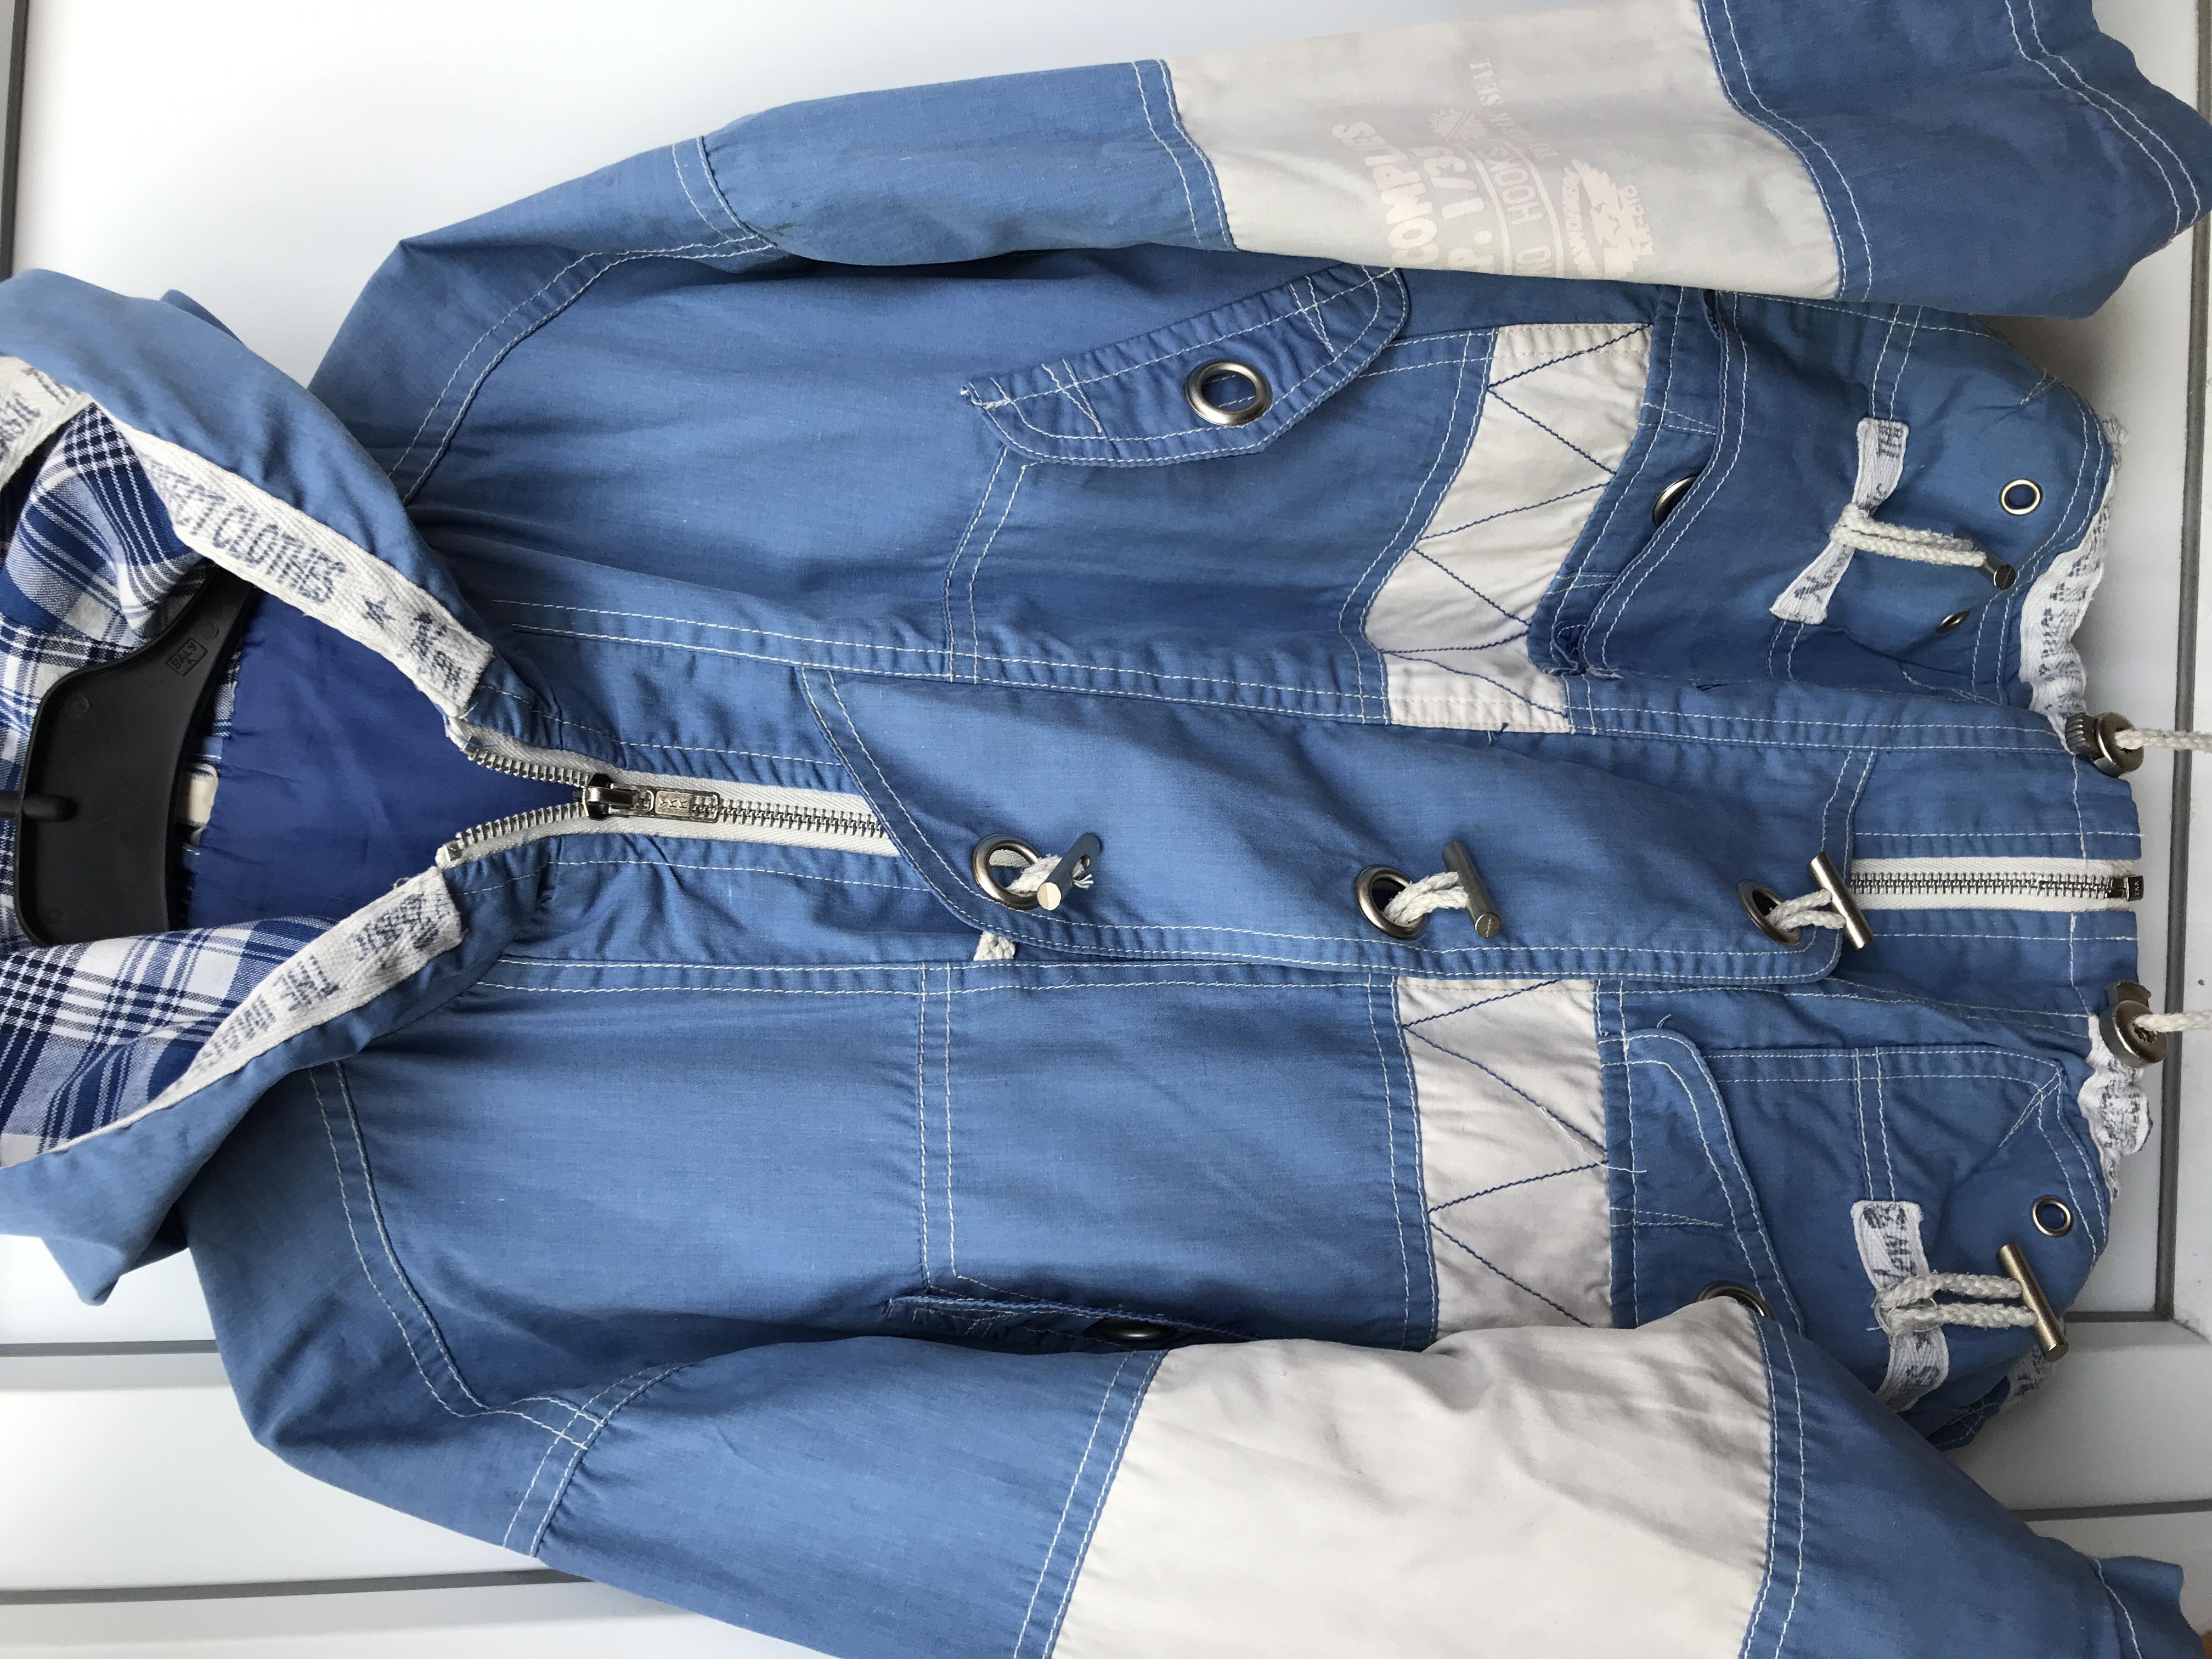 Куртка ветровка, 7-8лет - Фото №1